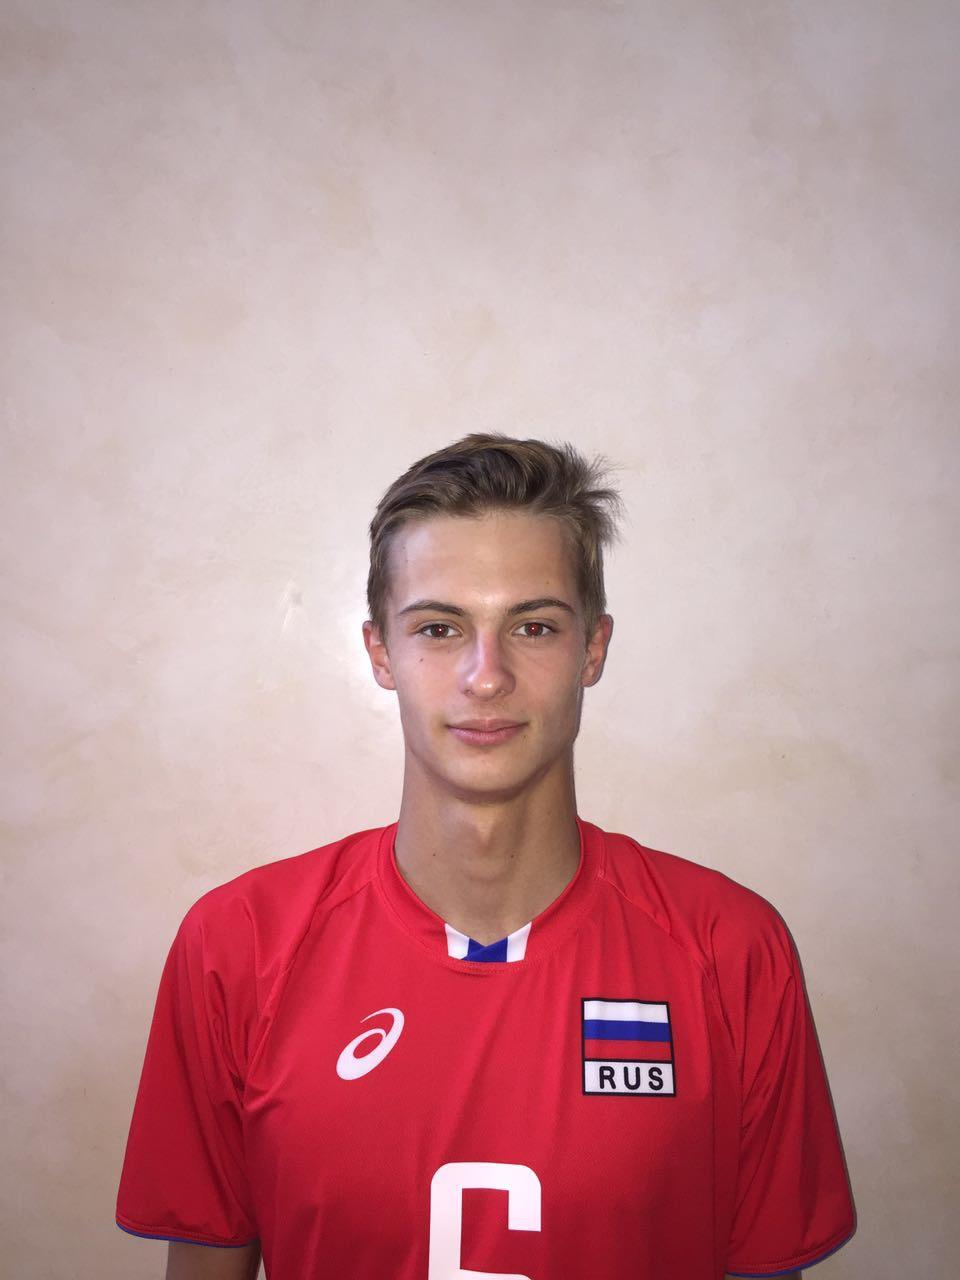 Andrey Ushkov